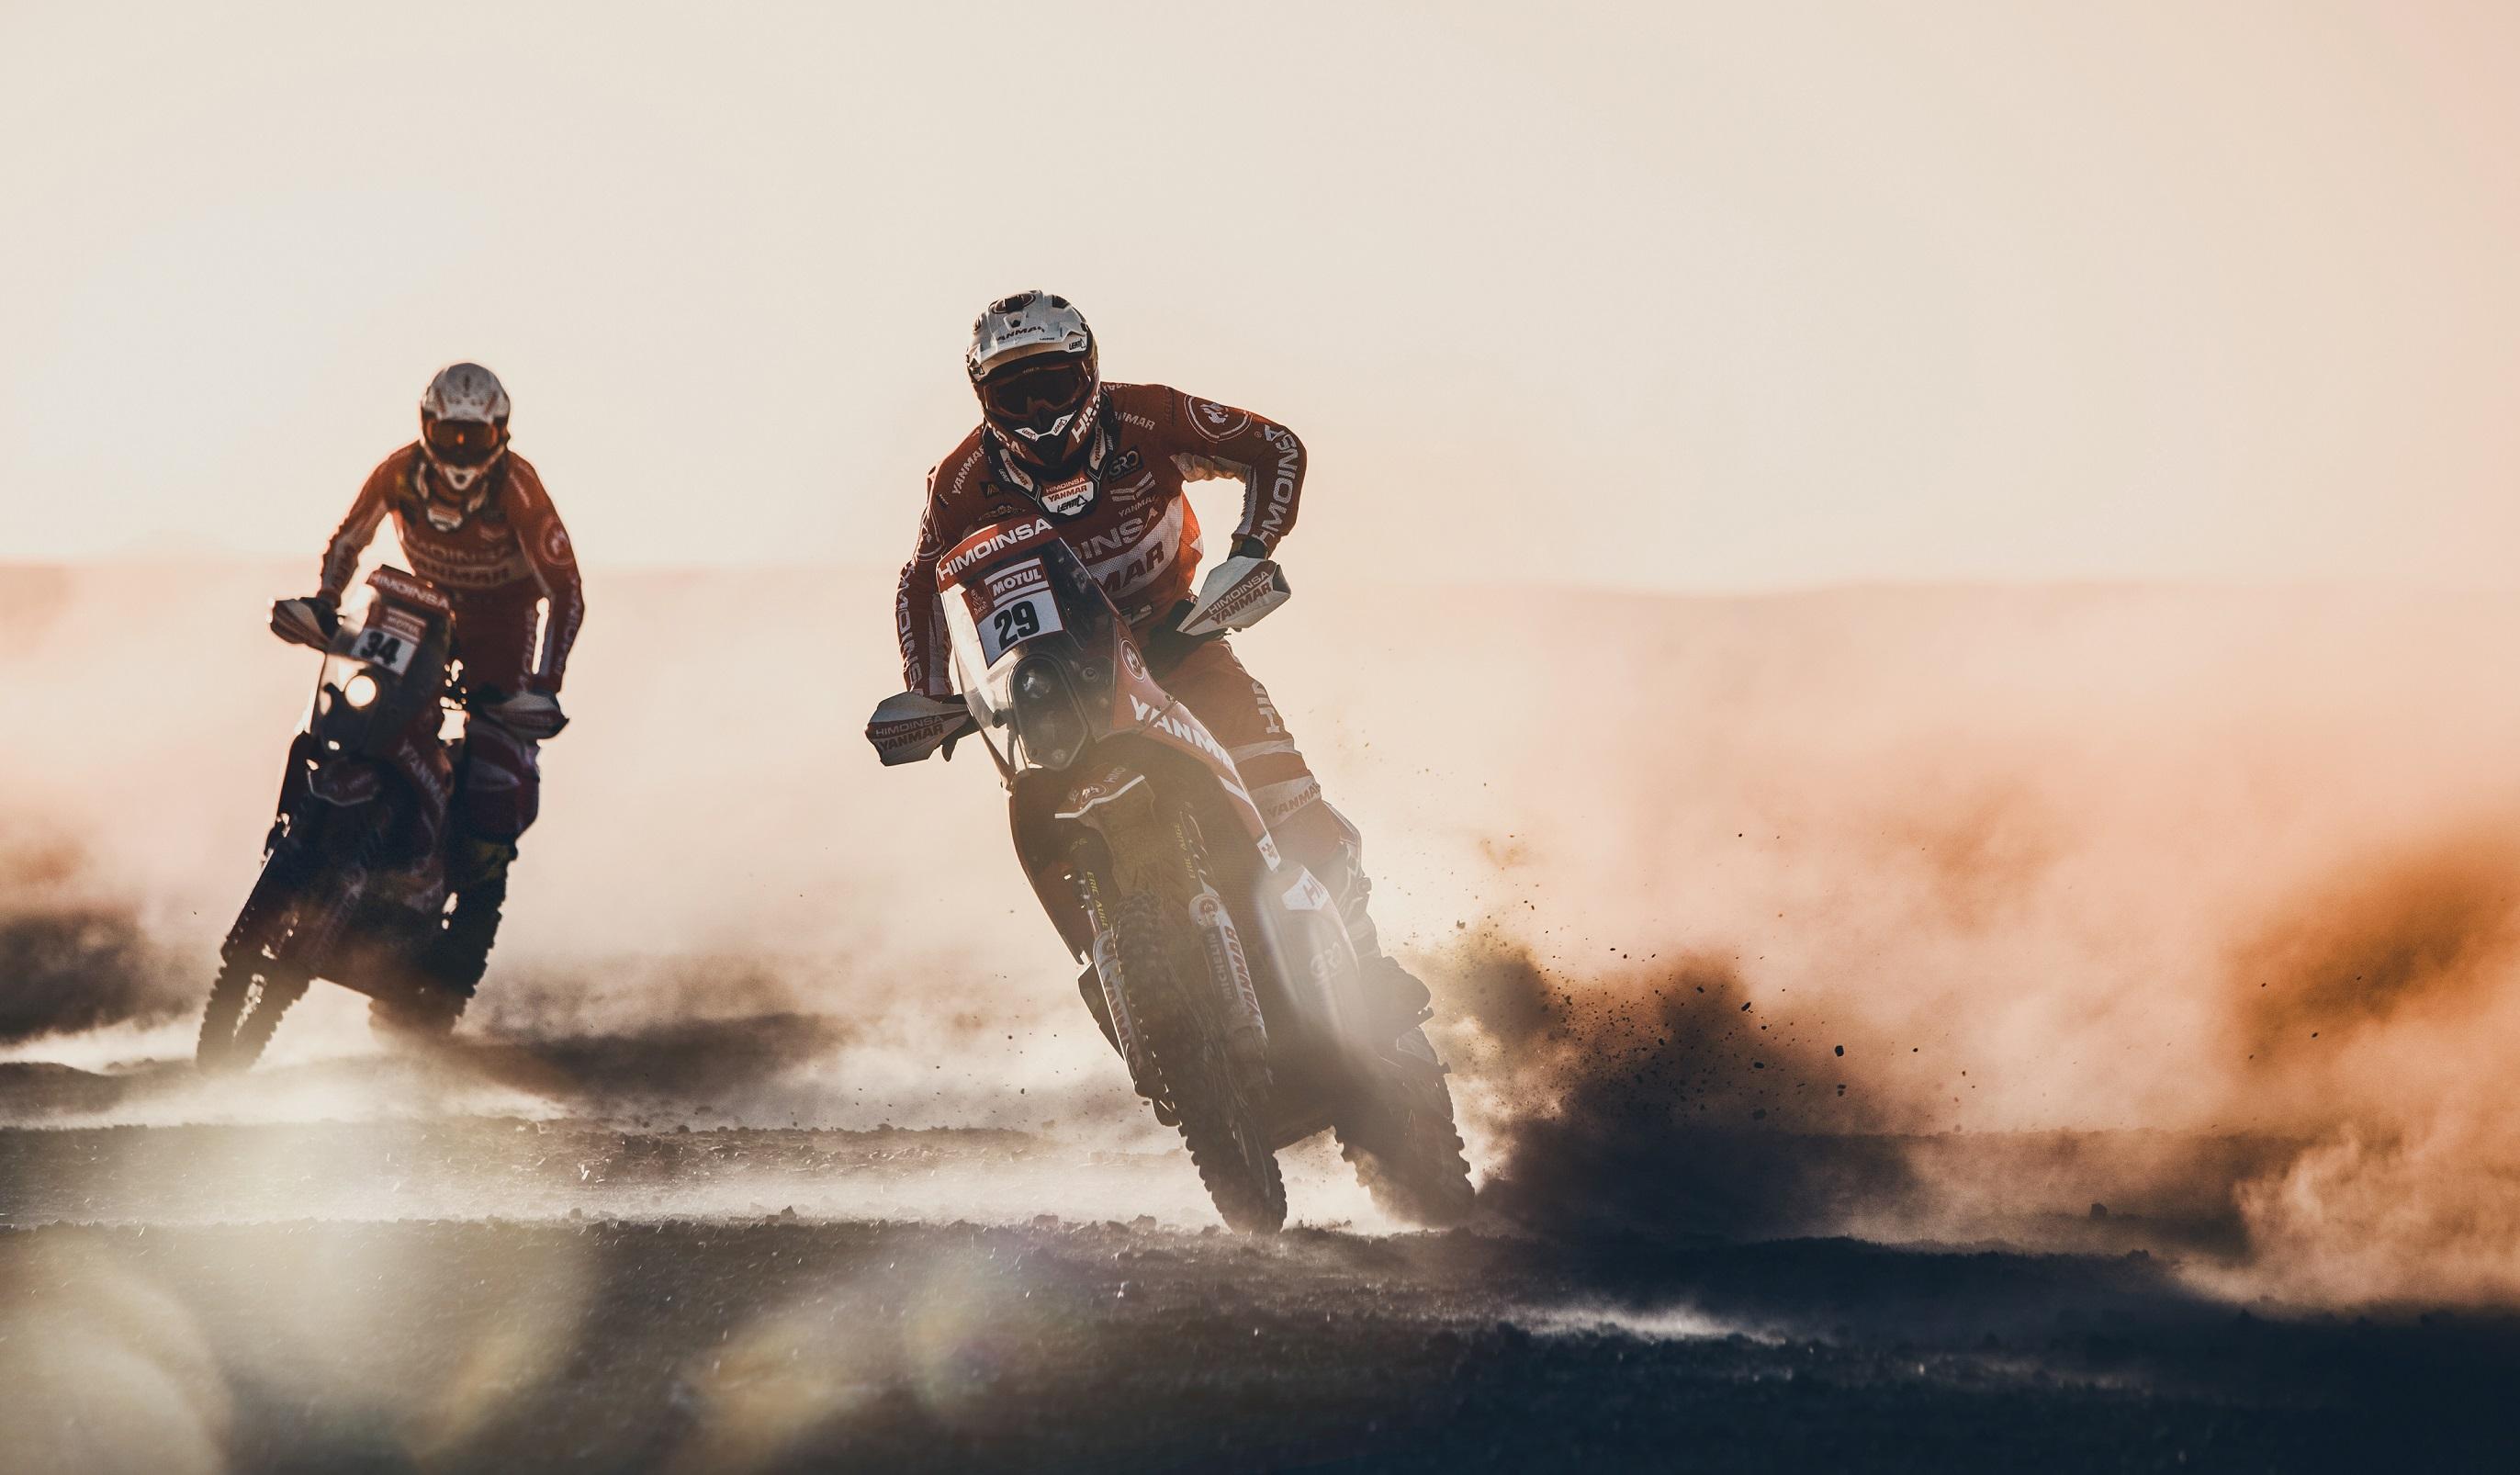 Motos en el Dakar 2018 - 2744x1606